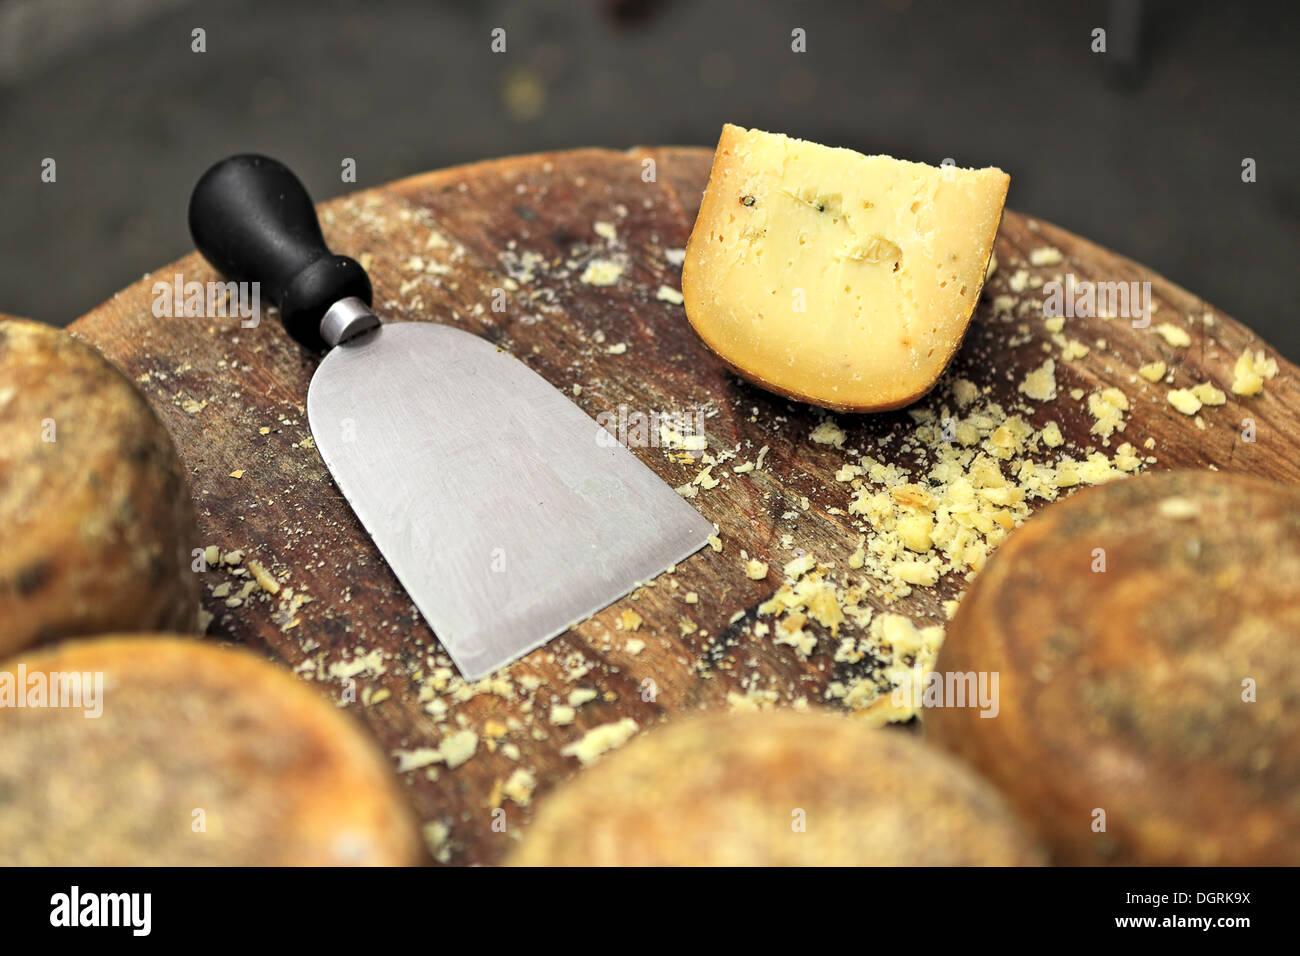 Couteau spécial et le célèbre fromage pecorino italien sur la petite table en bois. Photo Stock